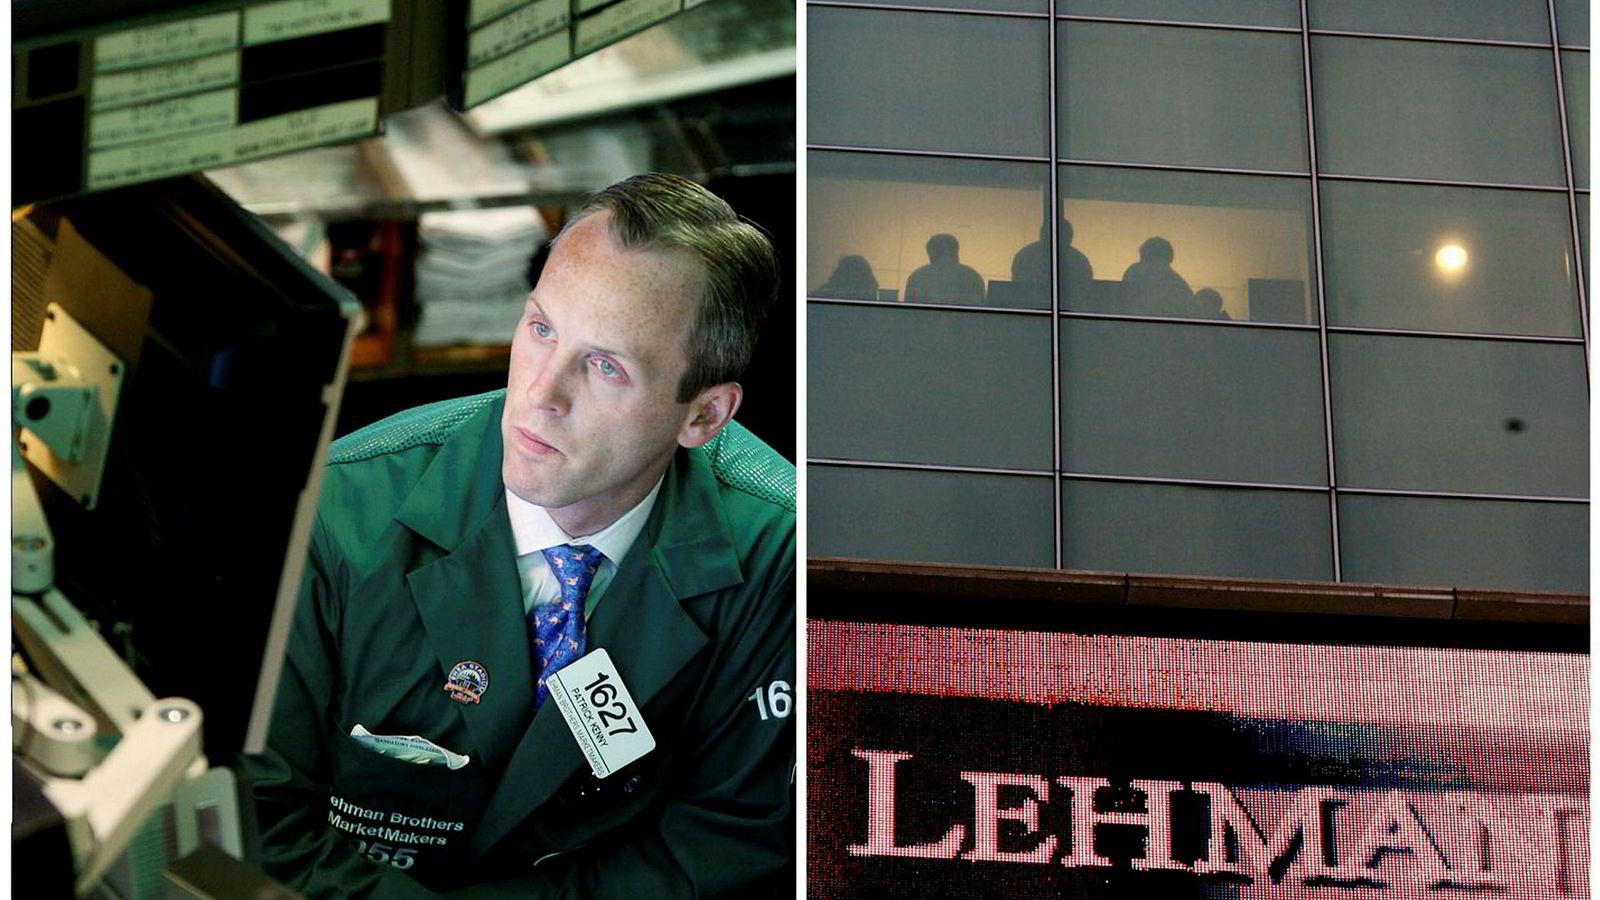 Om du hadde investert og i det norske aksjemarkedet rett før Lehman Brothers gikk over ende i 2008 og blitt  værende i ti år, ville du ha doblet innsatsen.